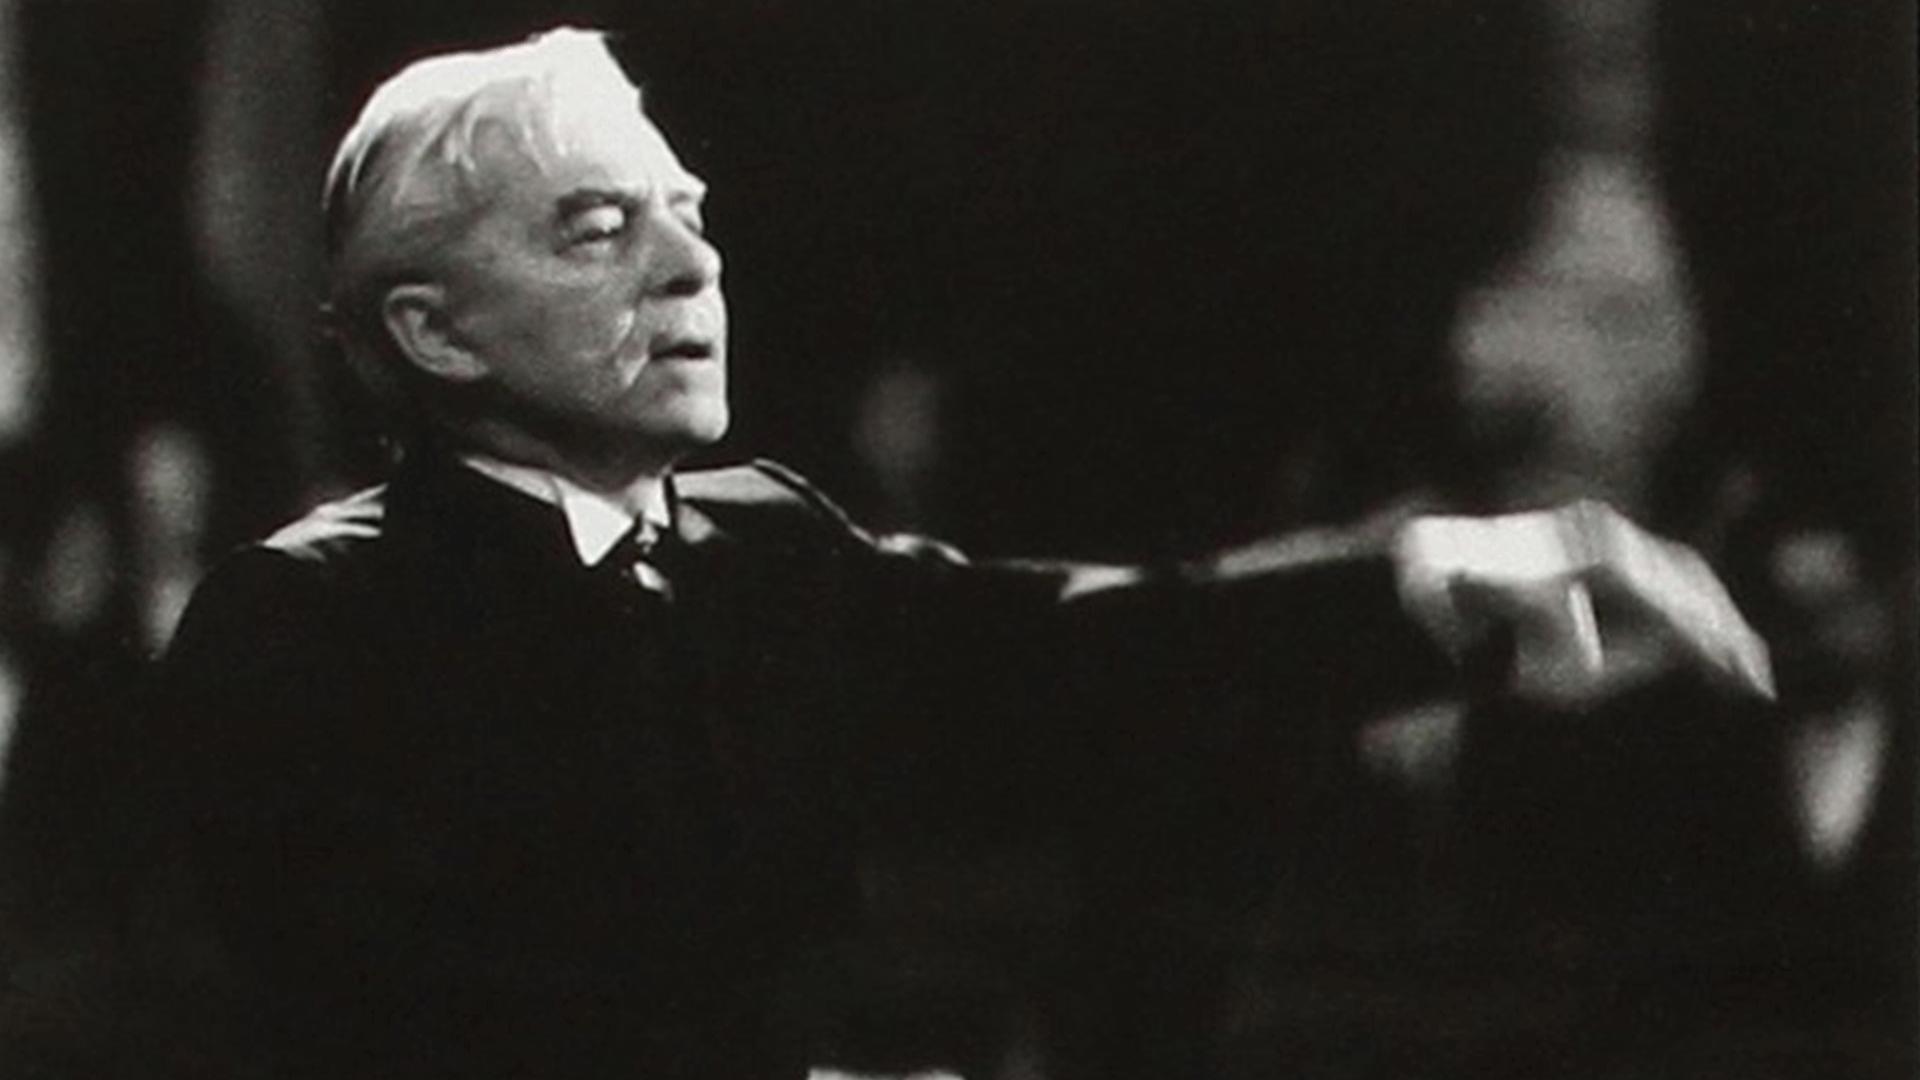 Herbert von Karajan dirige la Messe solennelle de Beethoven